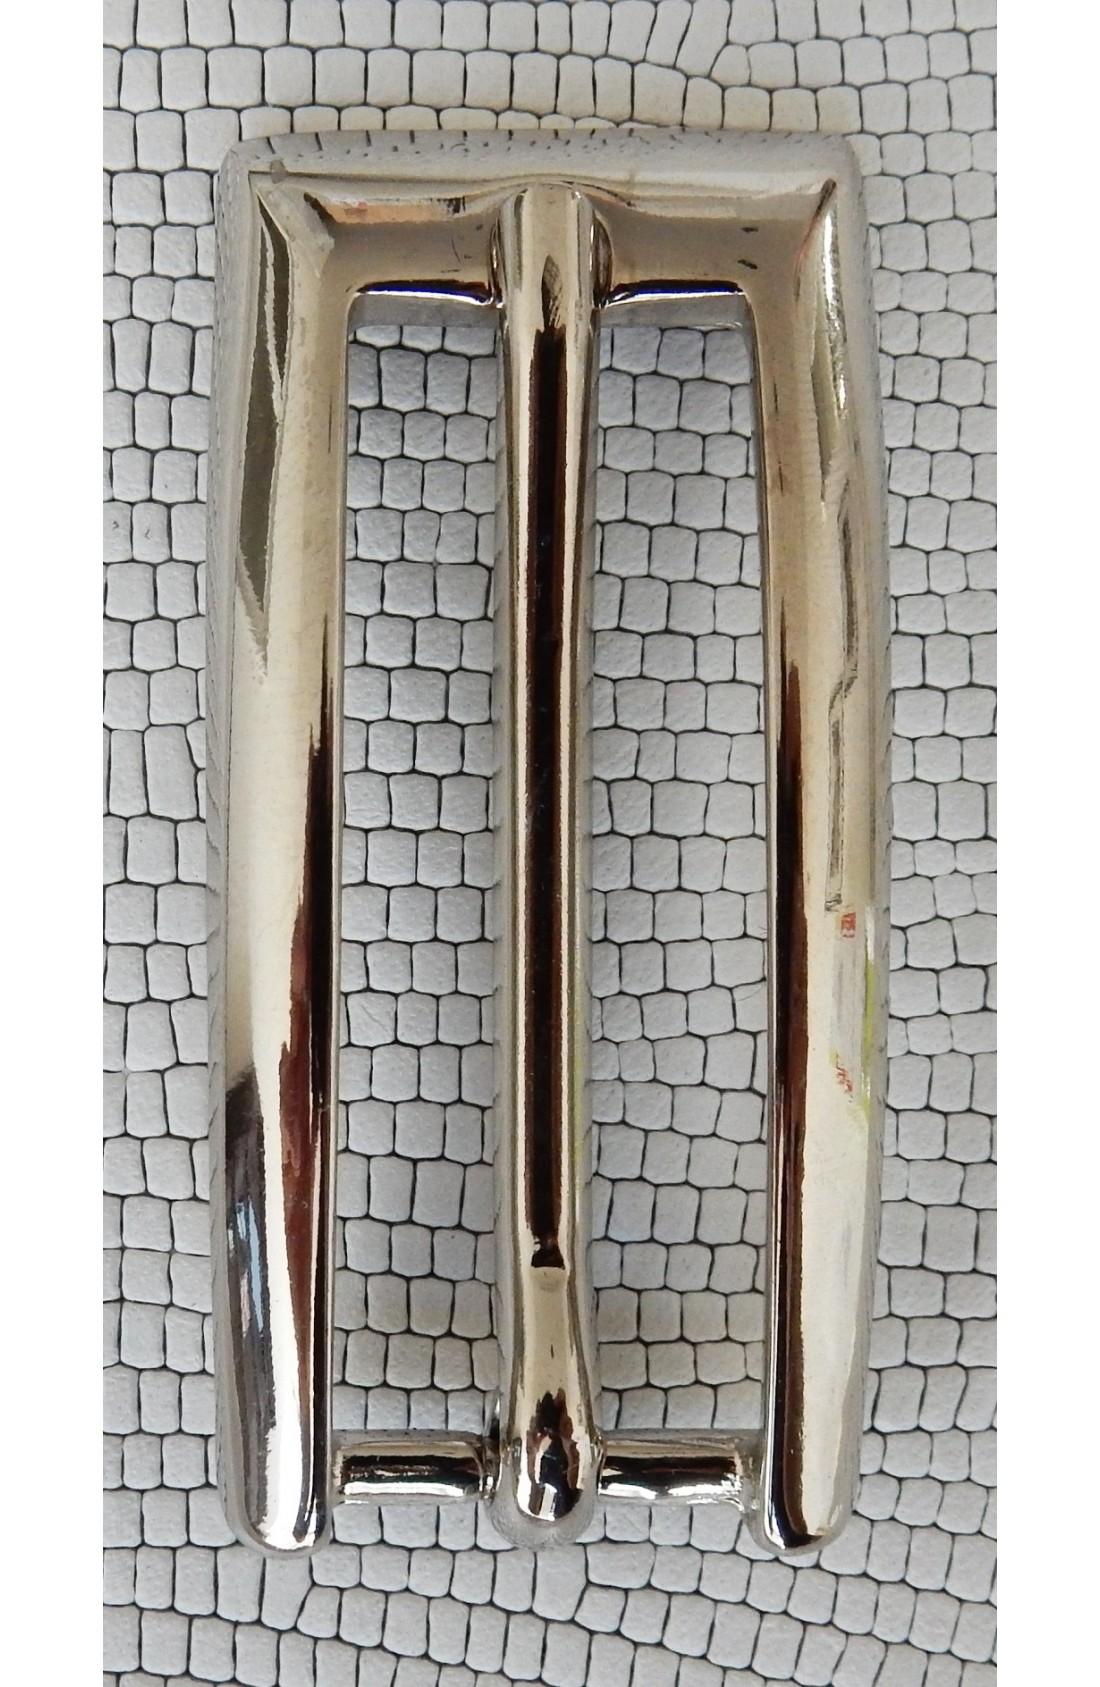 Fibbia Standard D 46 mm.15 nikel free (1)